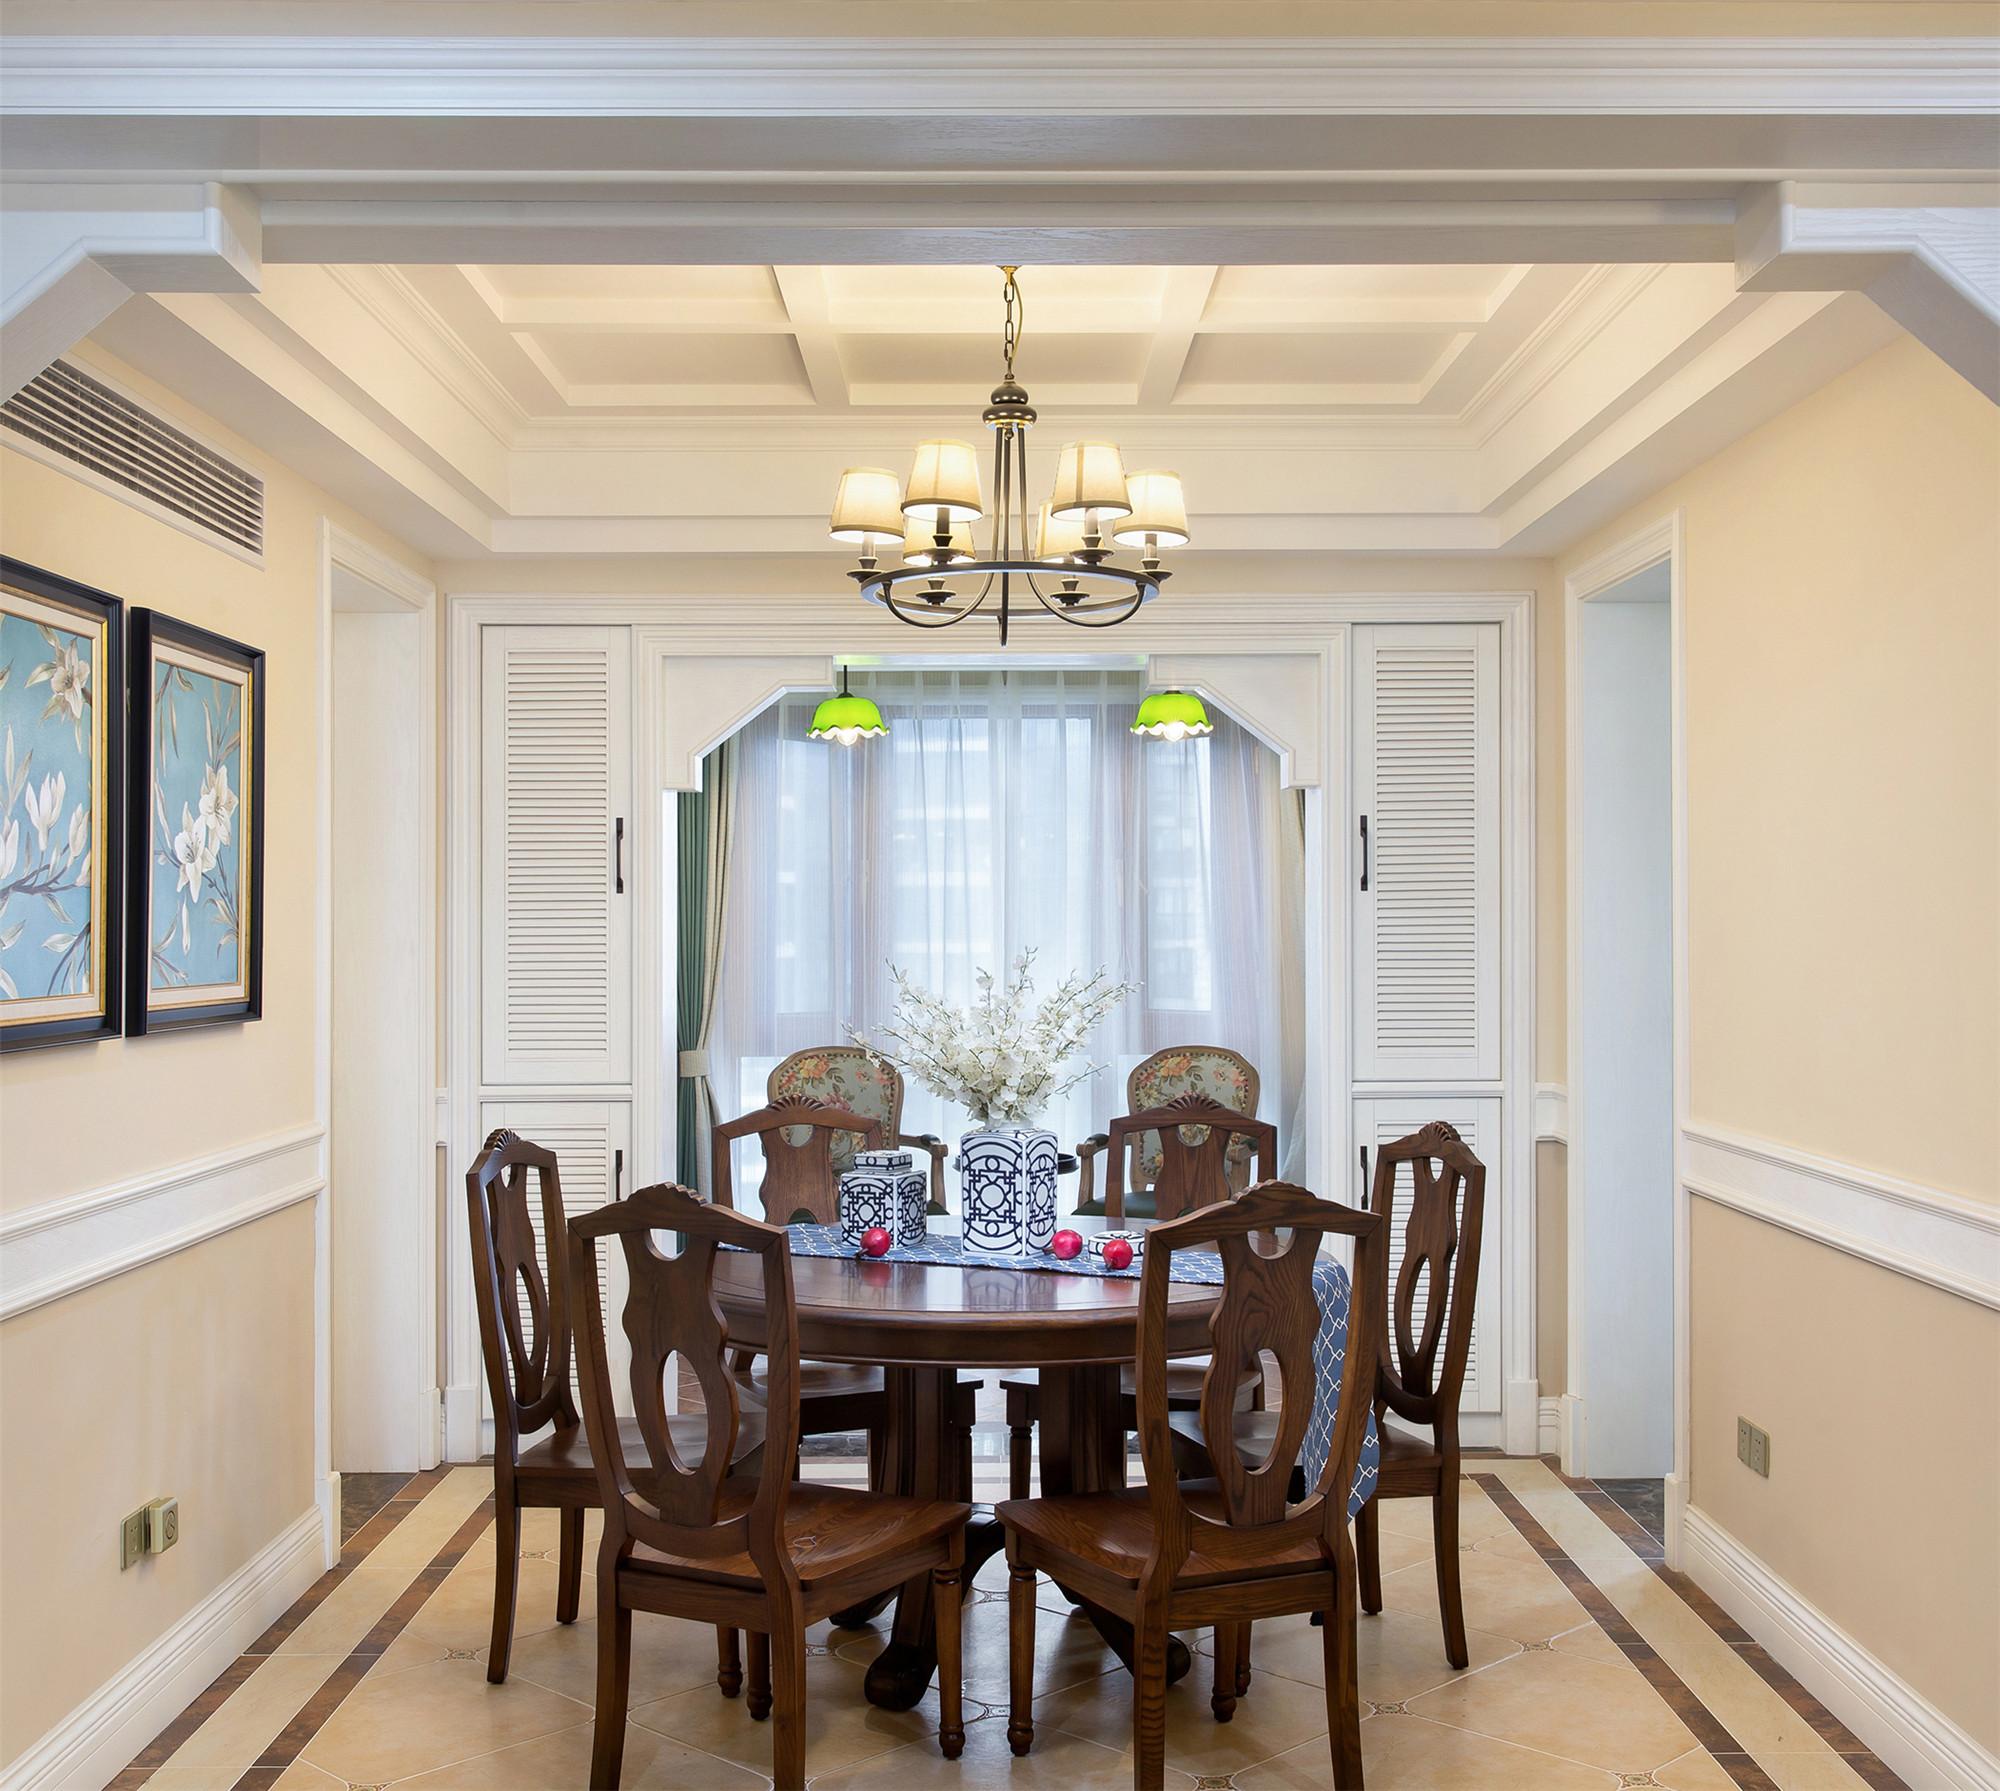 四居室美式风格装修餐厅设计图图片